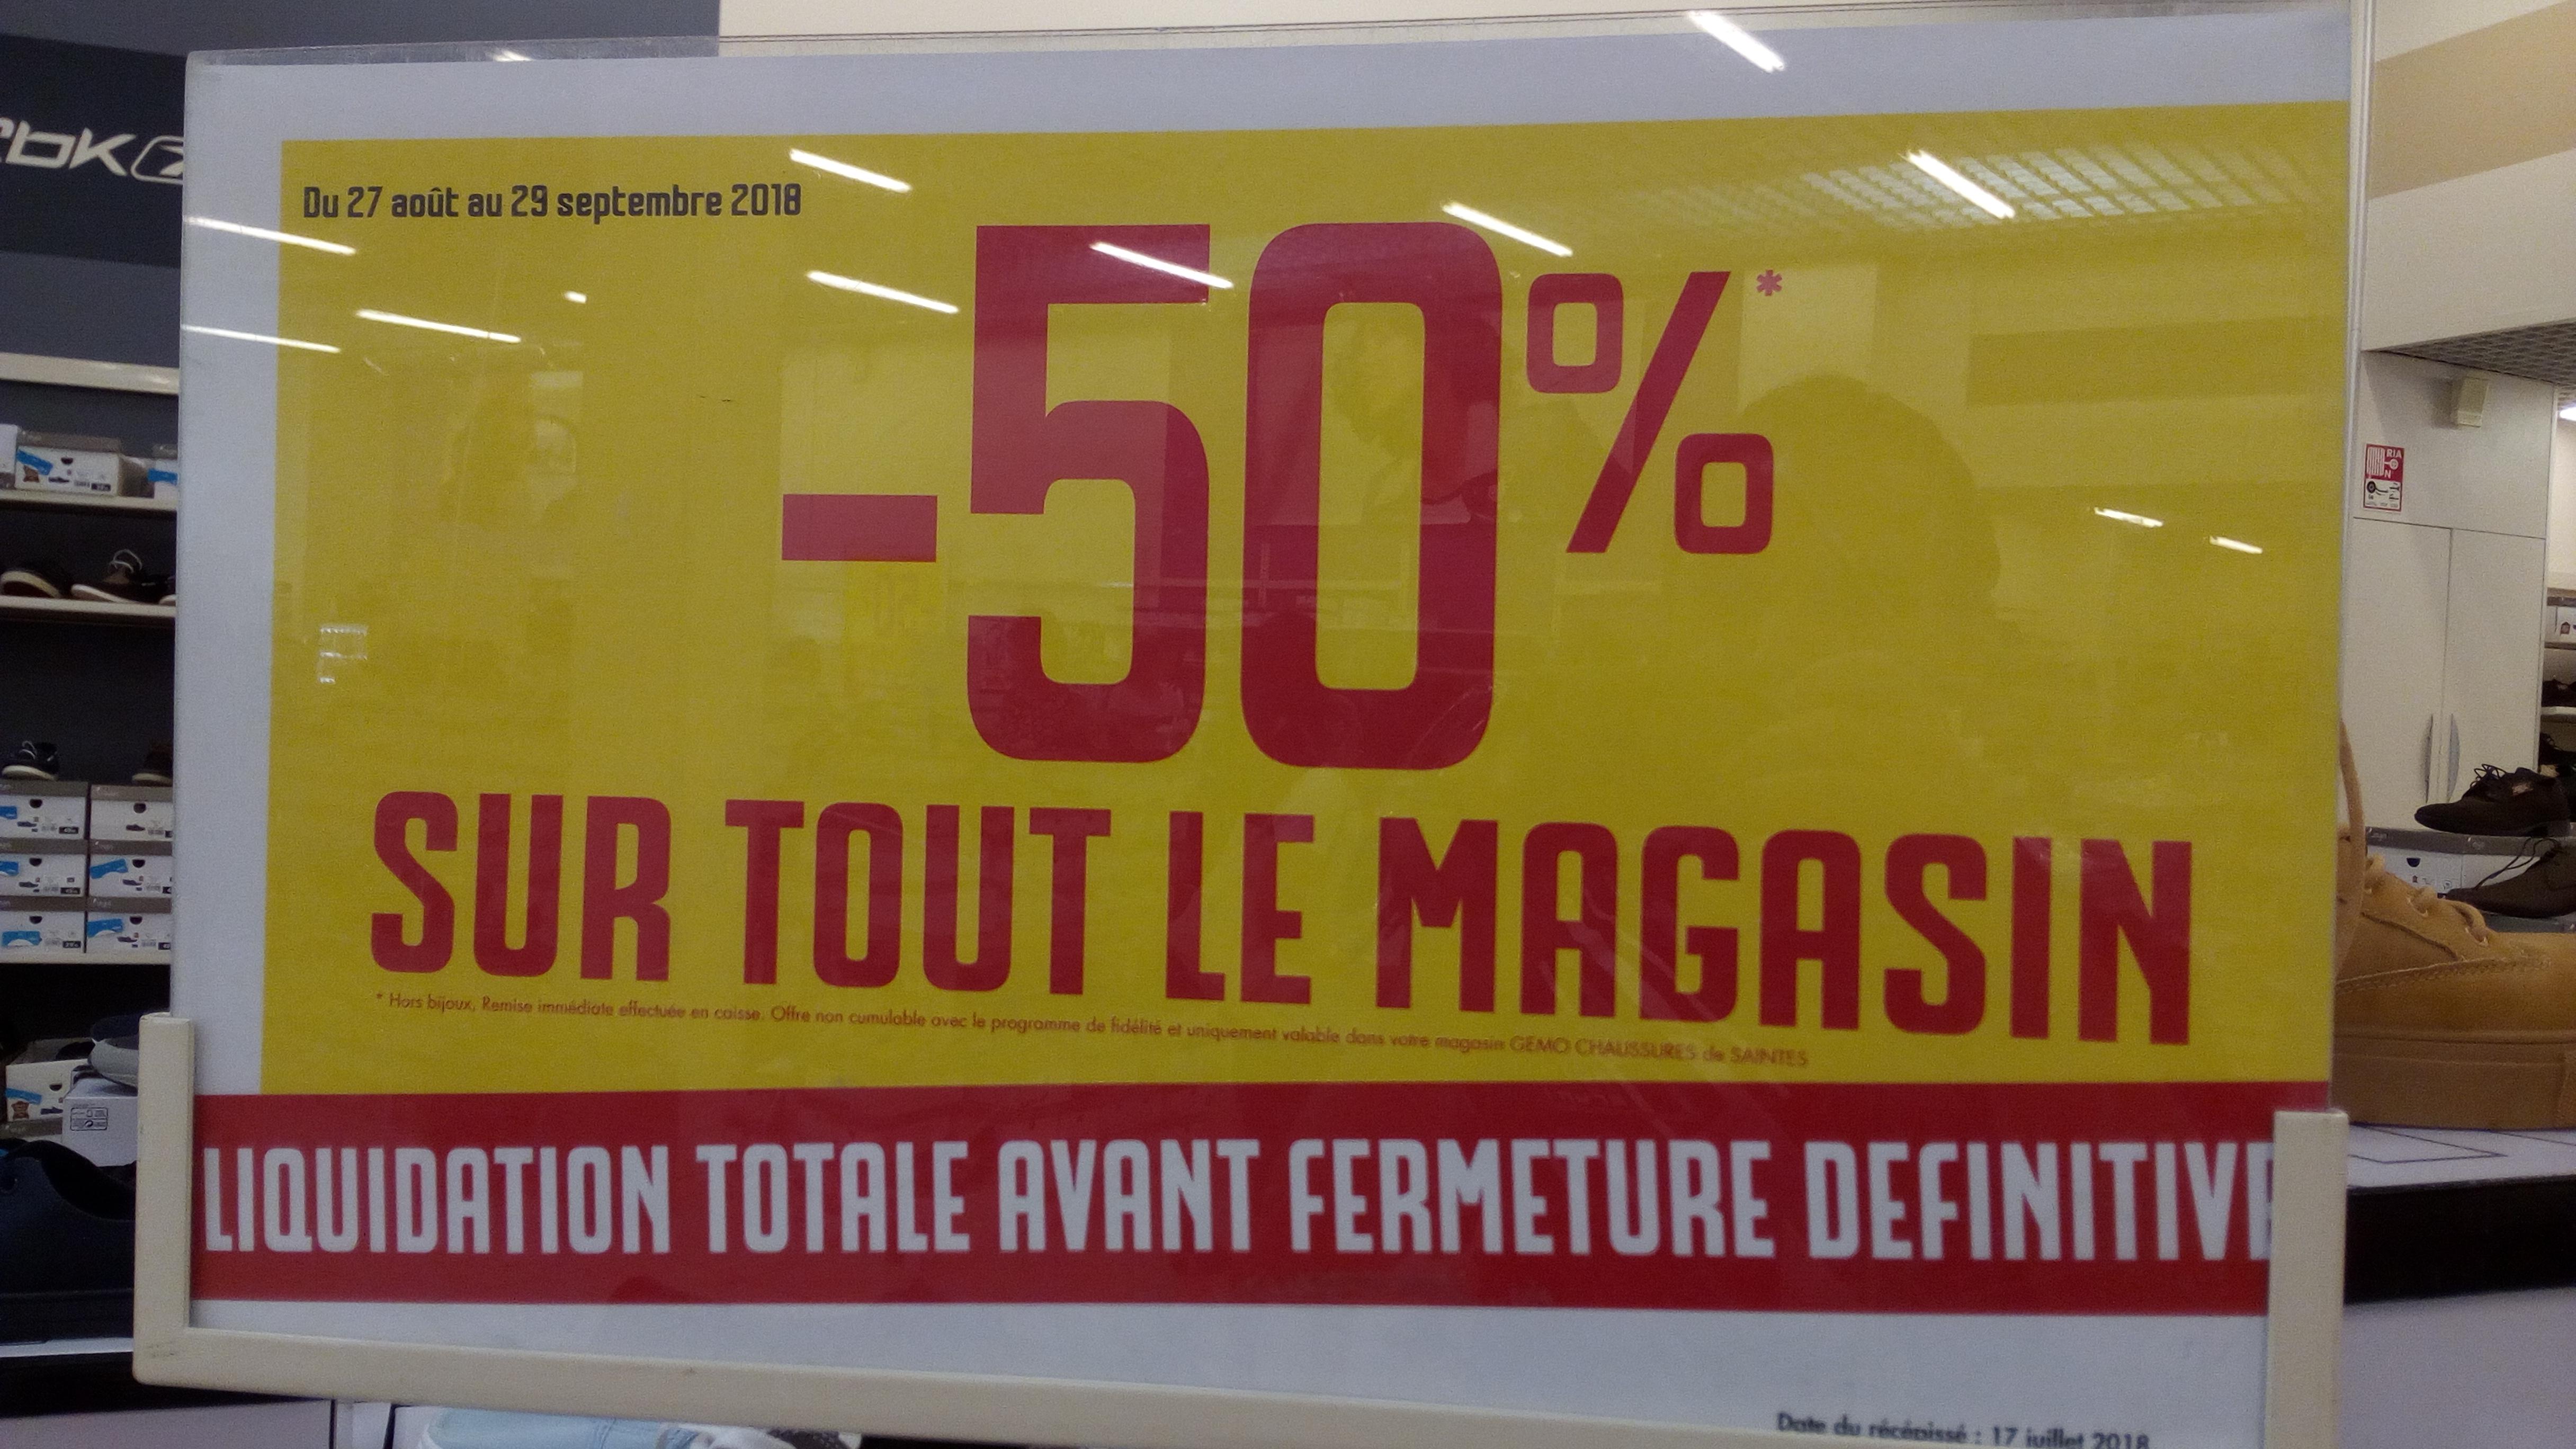 Liquidation totale: 50% de réduction sur tout le magasin - Gémo Chaussures Saintes (17)